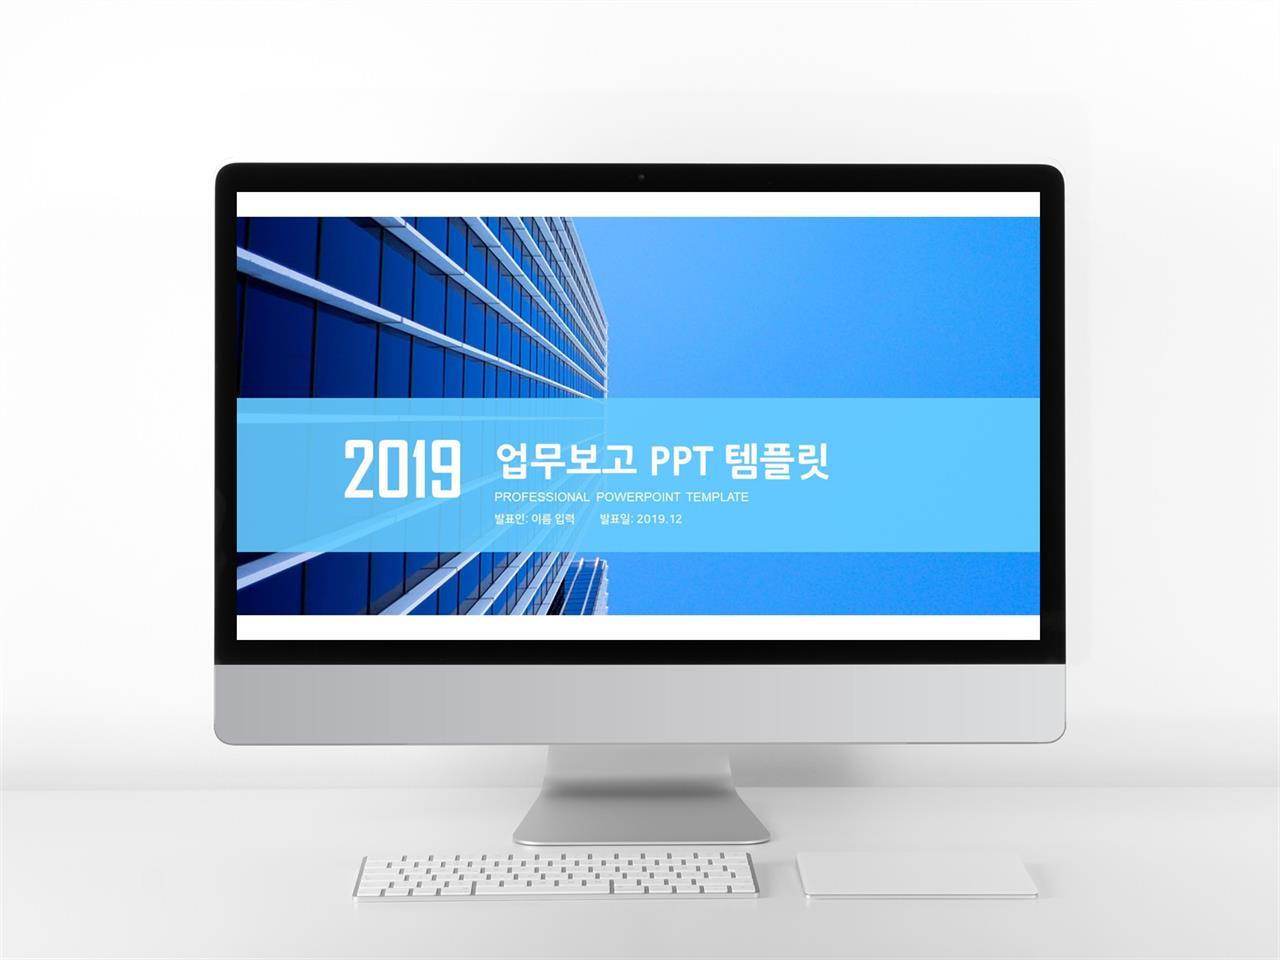 업무일지 블루 세련된 고급스럽운 PPT탬플릿 사이트 미리보기